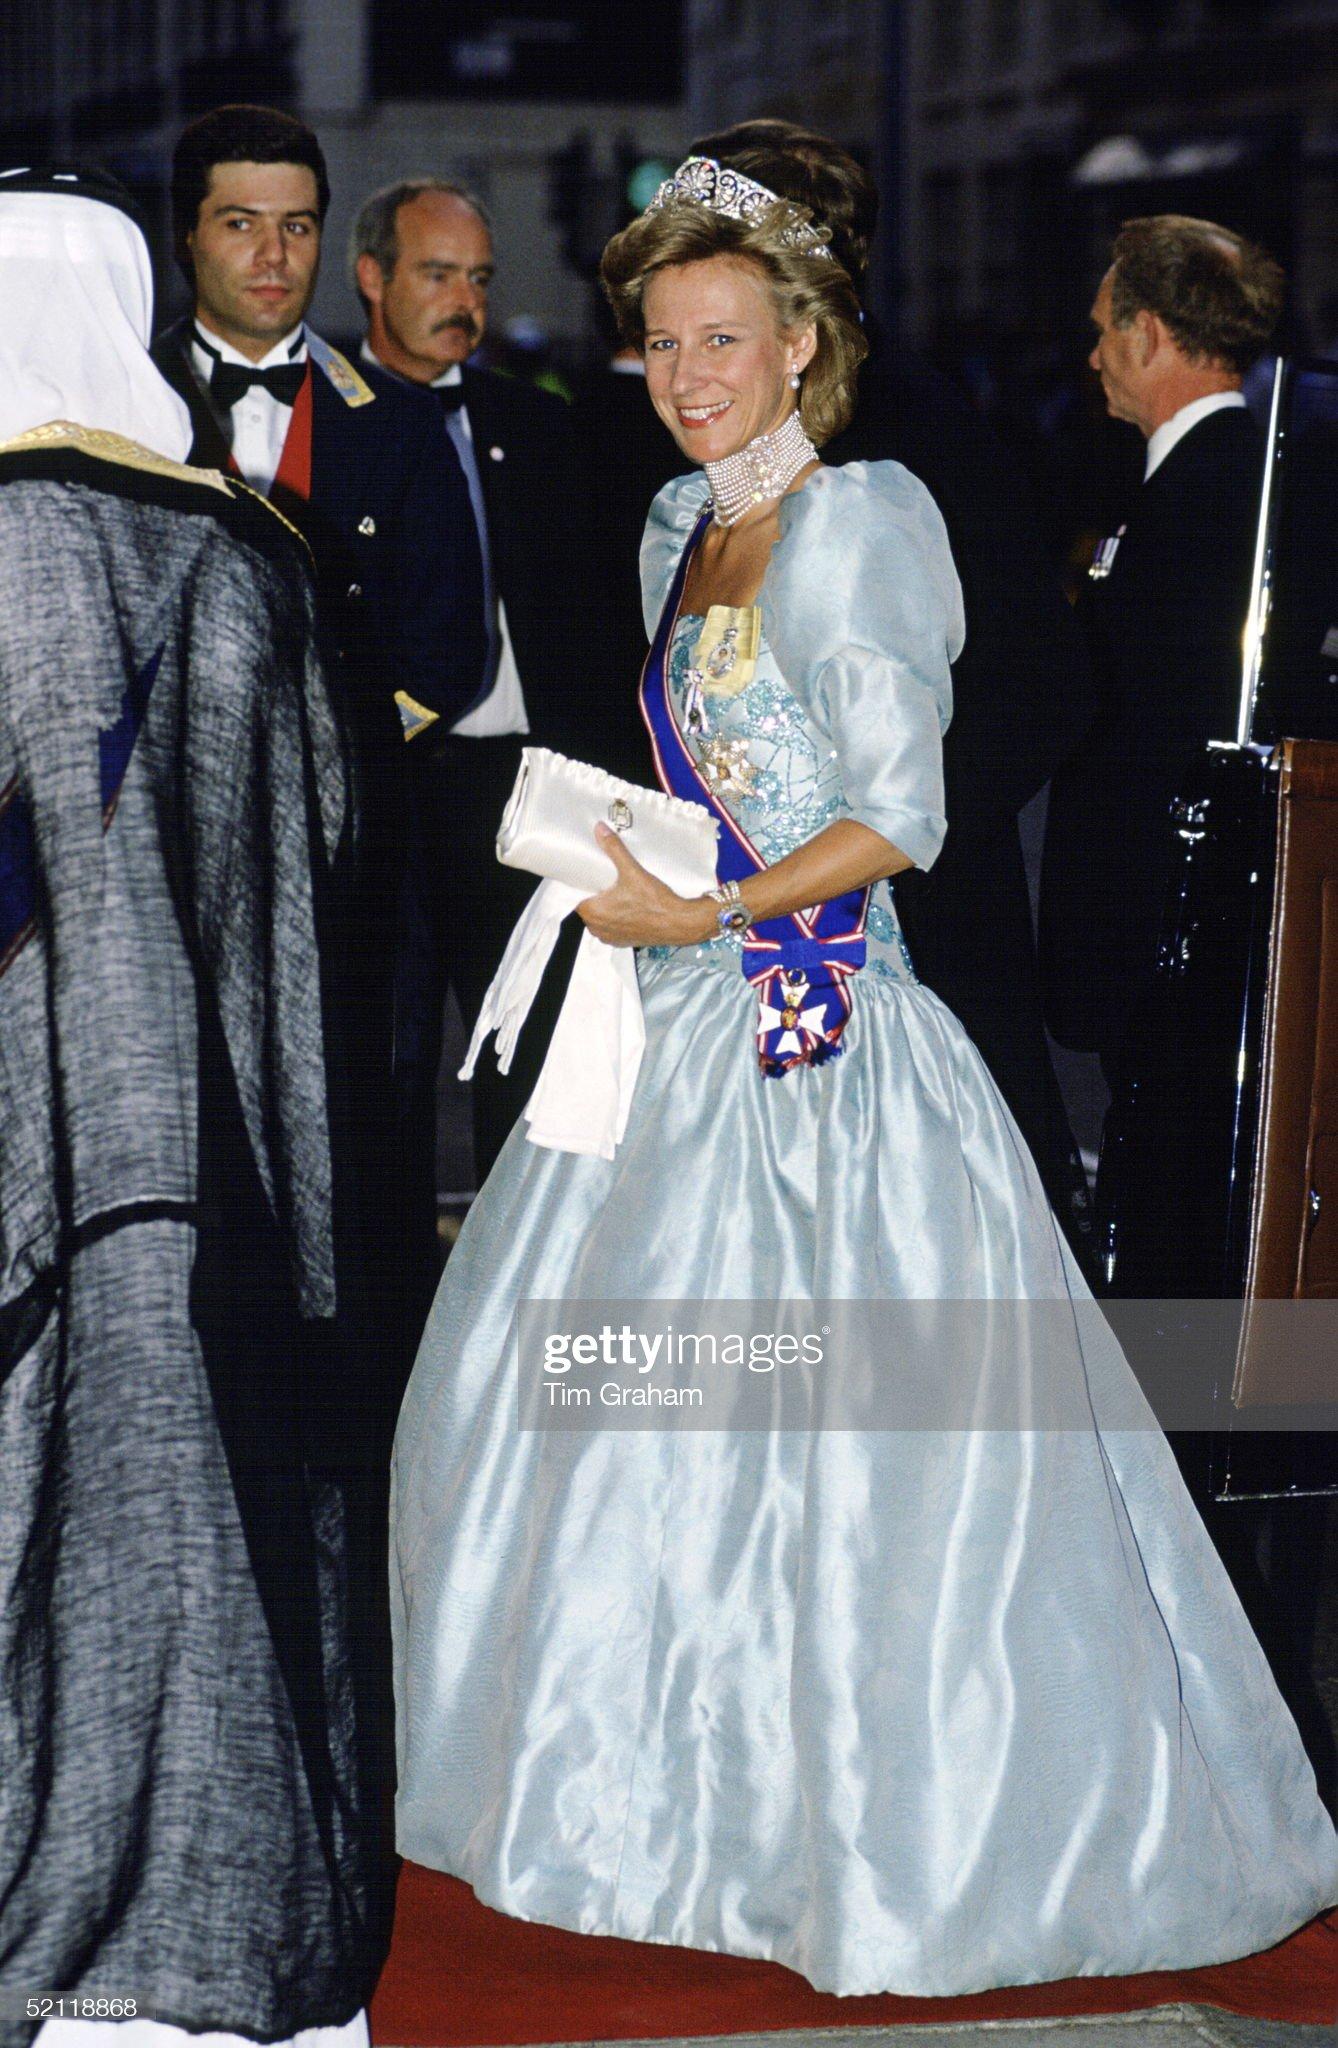 Duchess Of Gloucester Banquet : News Photo